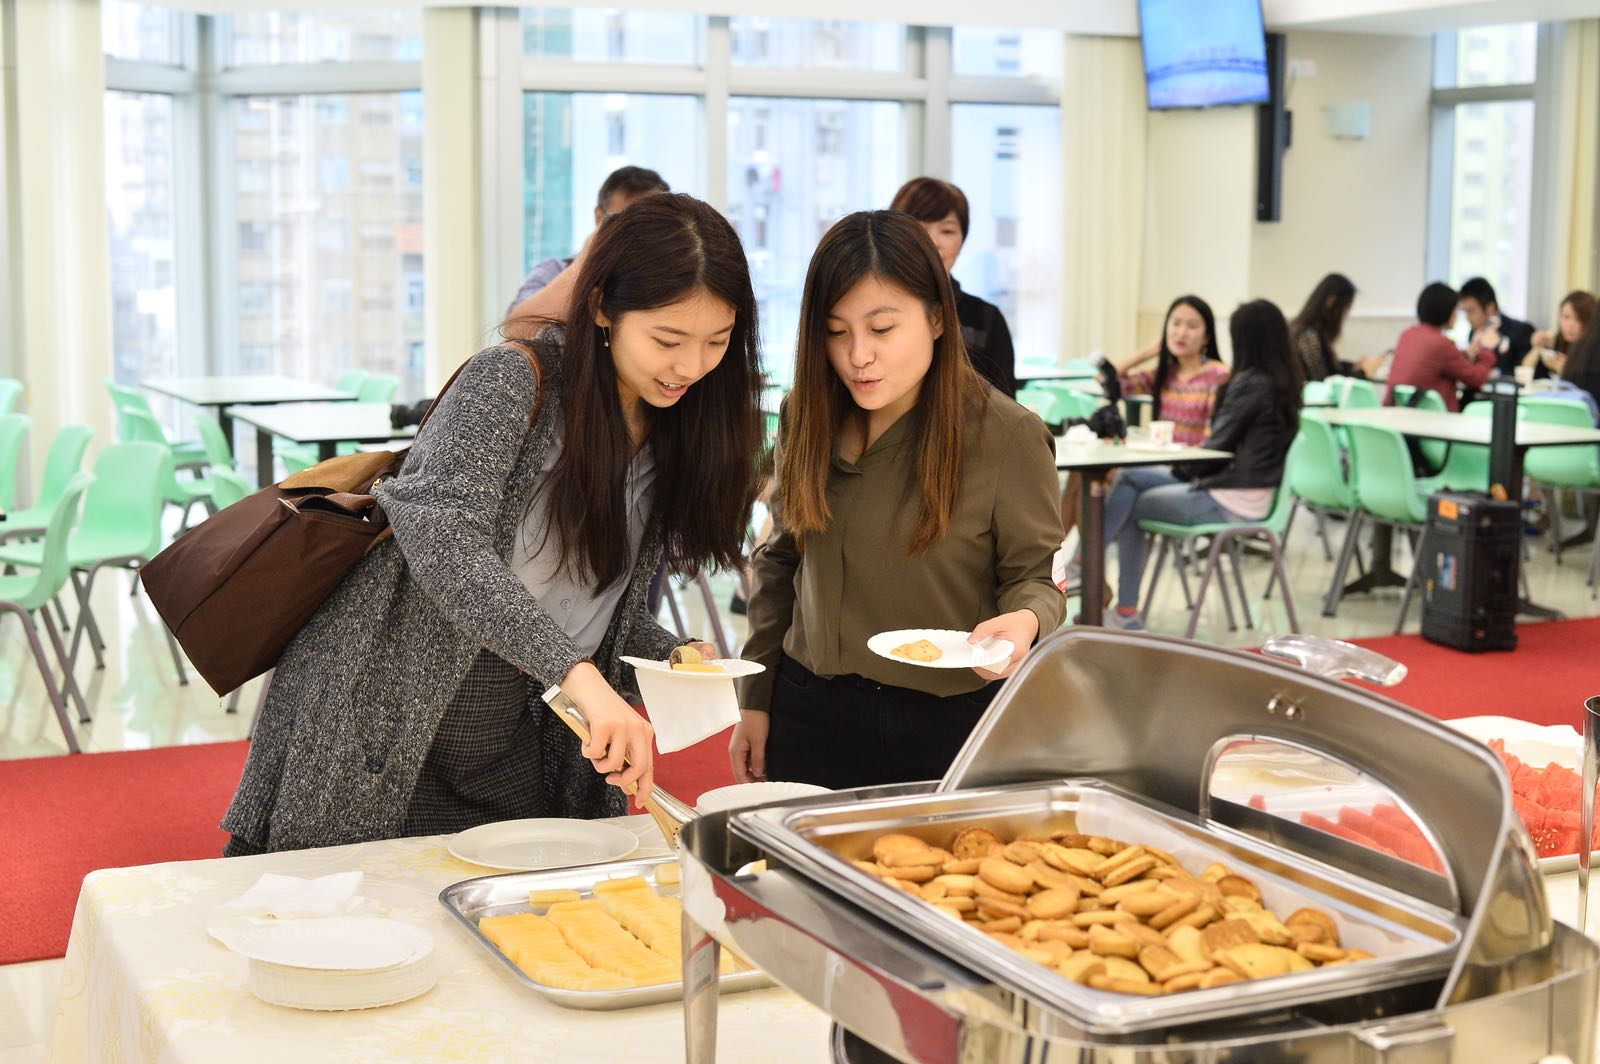 員工餐廳,提供小食給參觀賓客。